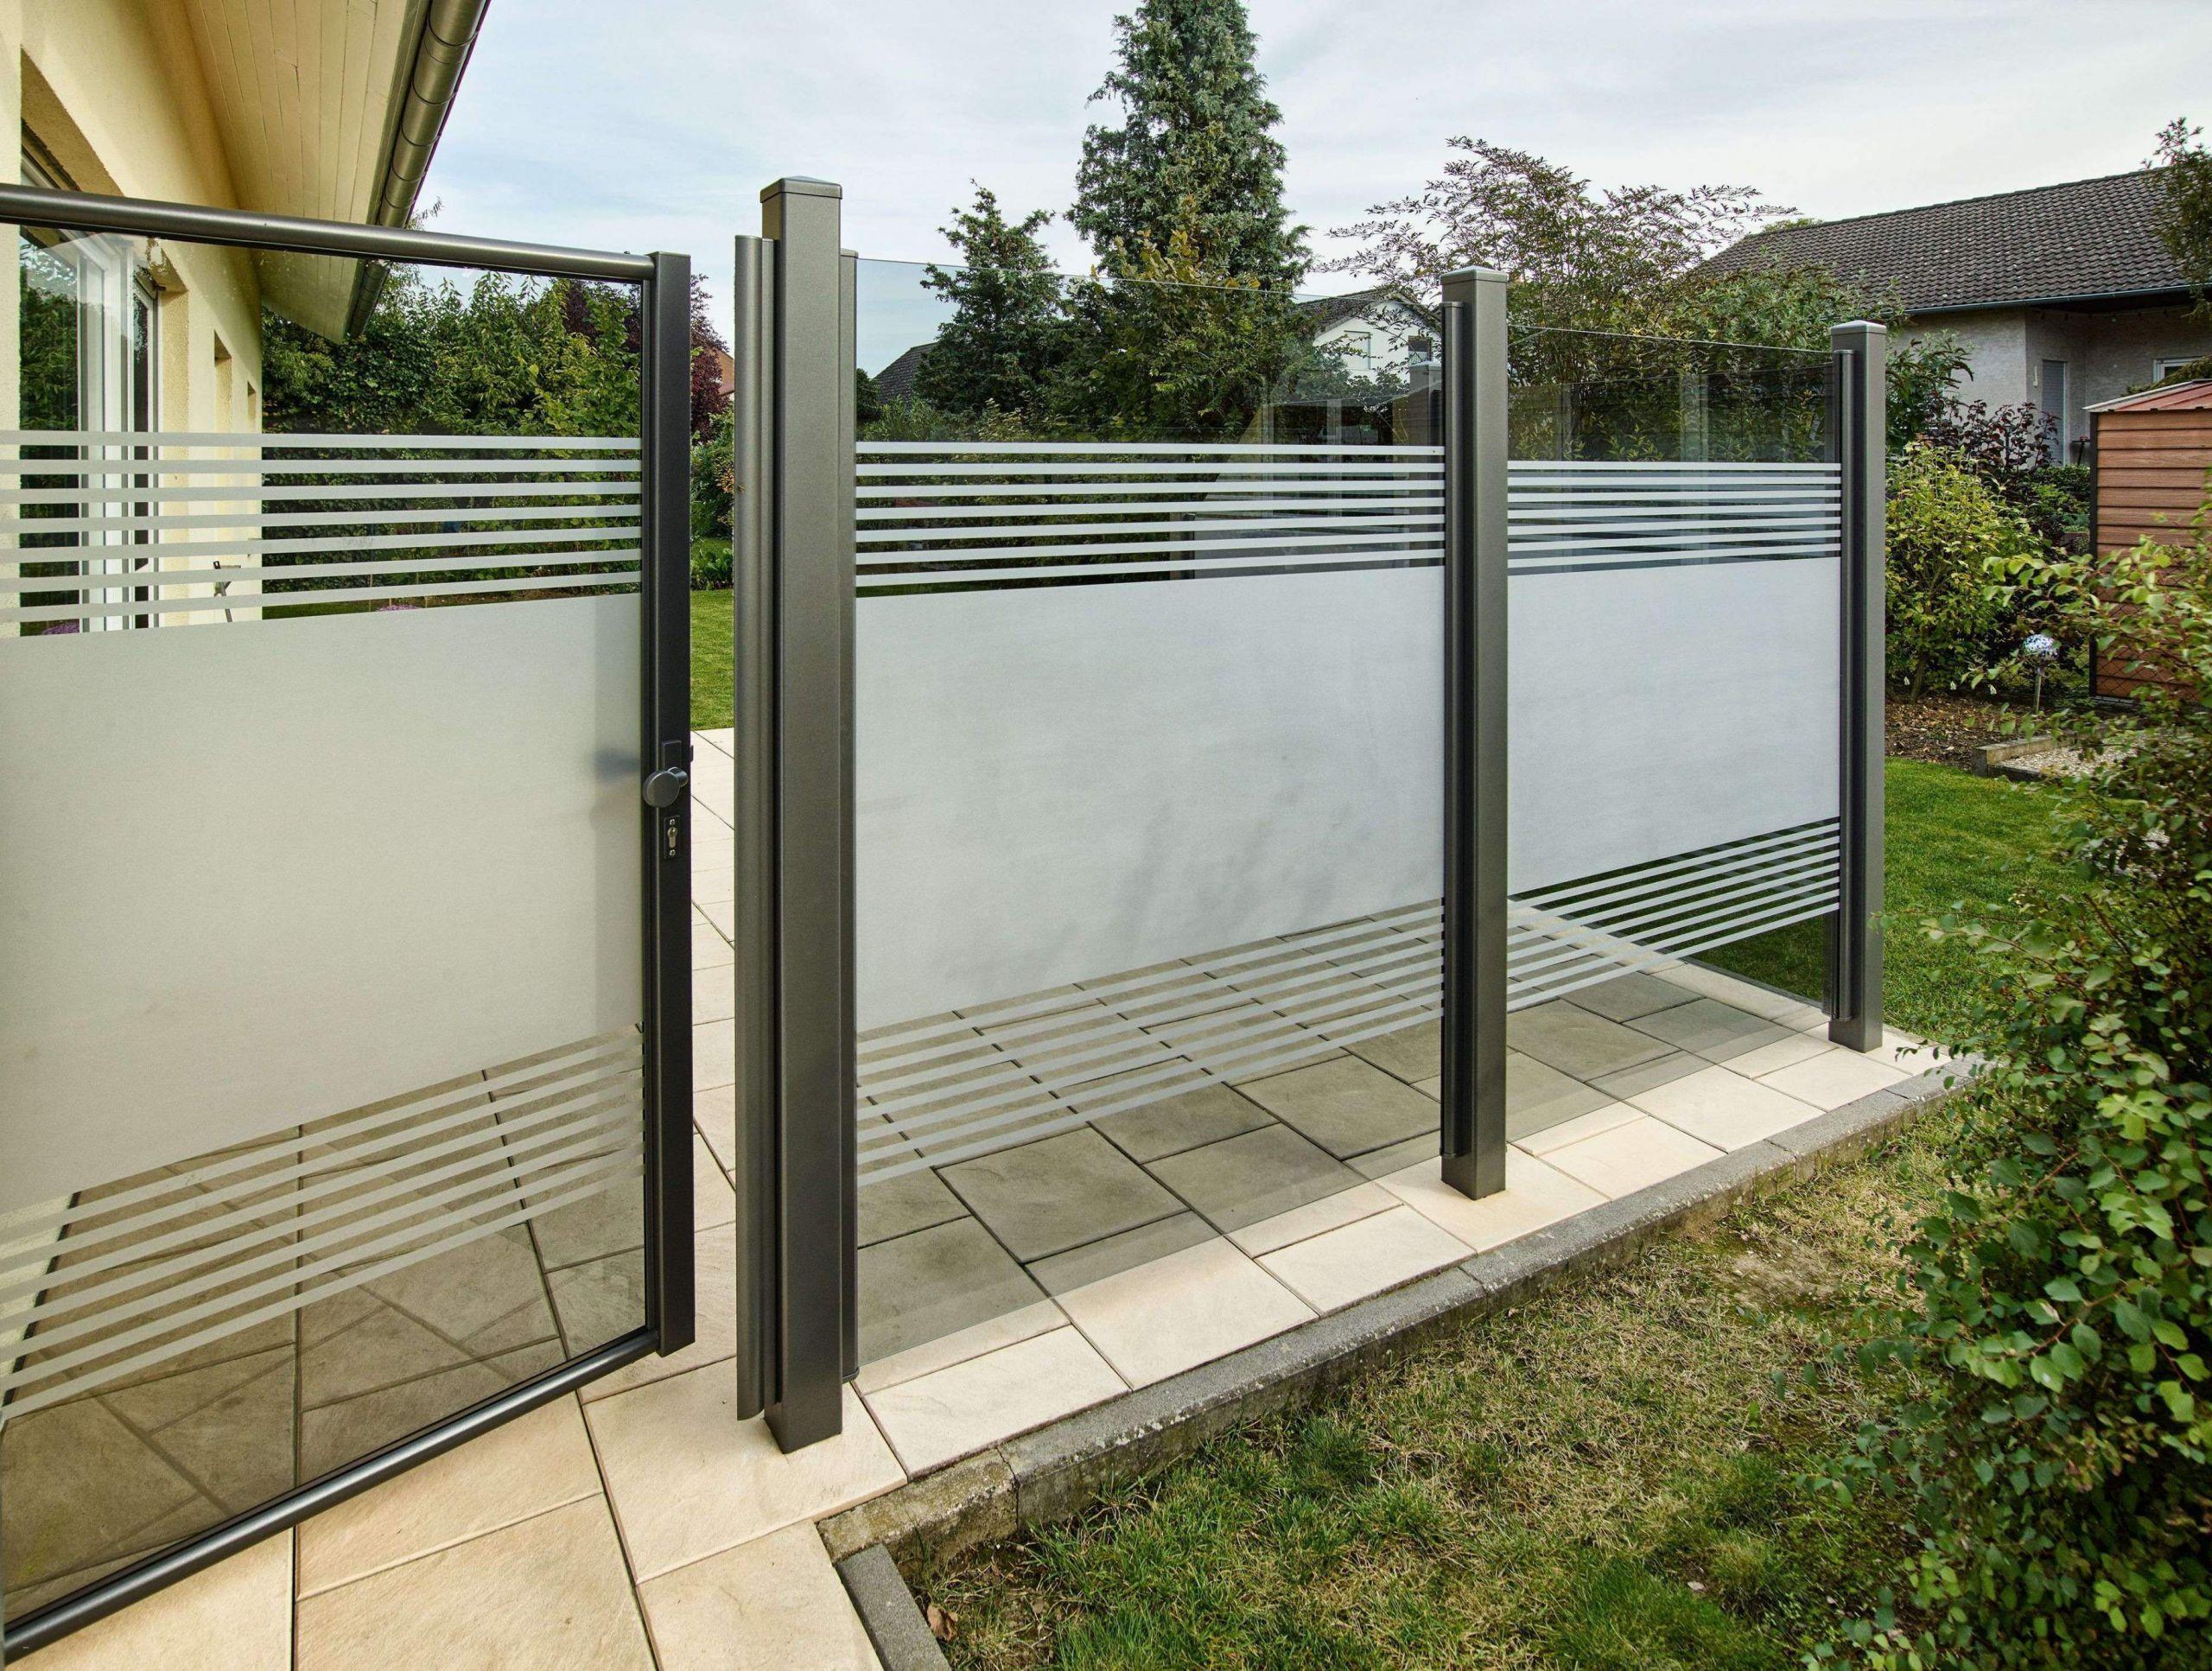 38 Frisch Sichtschutz Garten Kunststoff Gunstig Das Beste Von